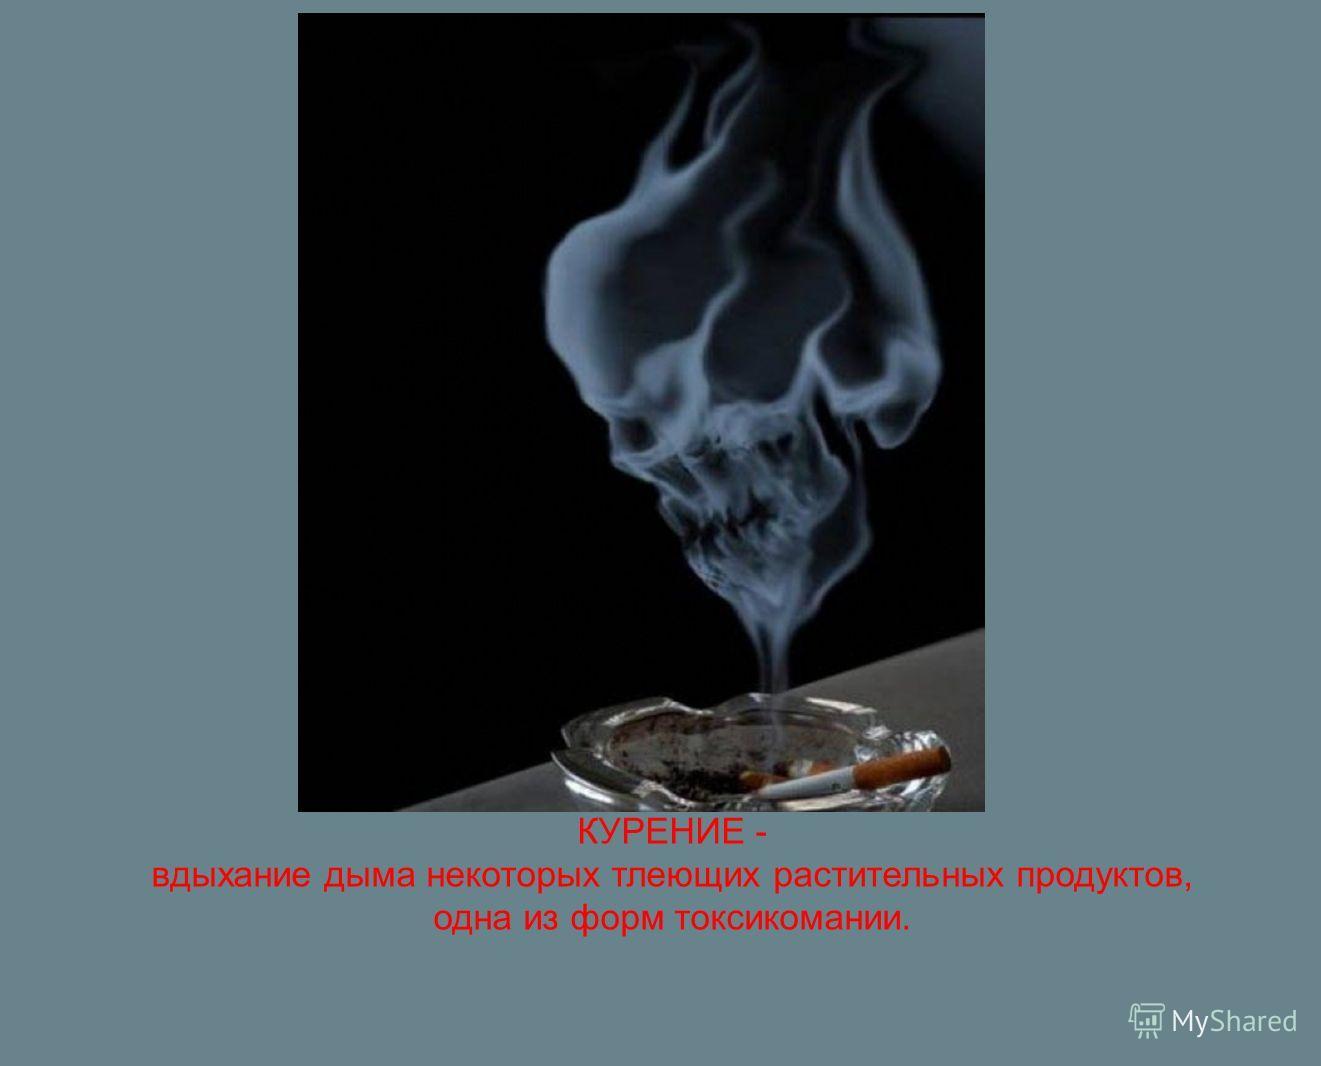 КУРЕНИЕ - вдыхание дыма некоторых тлеющих растительных продуктов, одна из форм токсикомании.